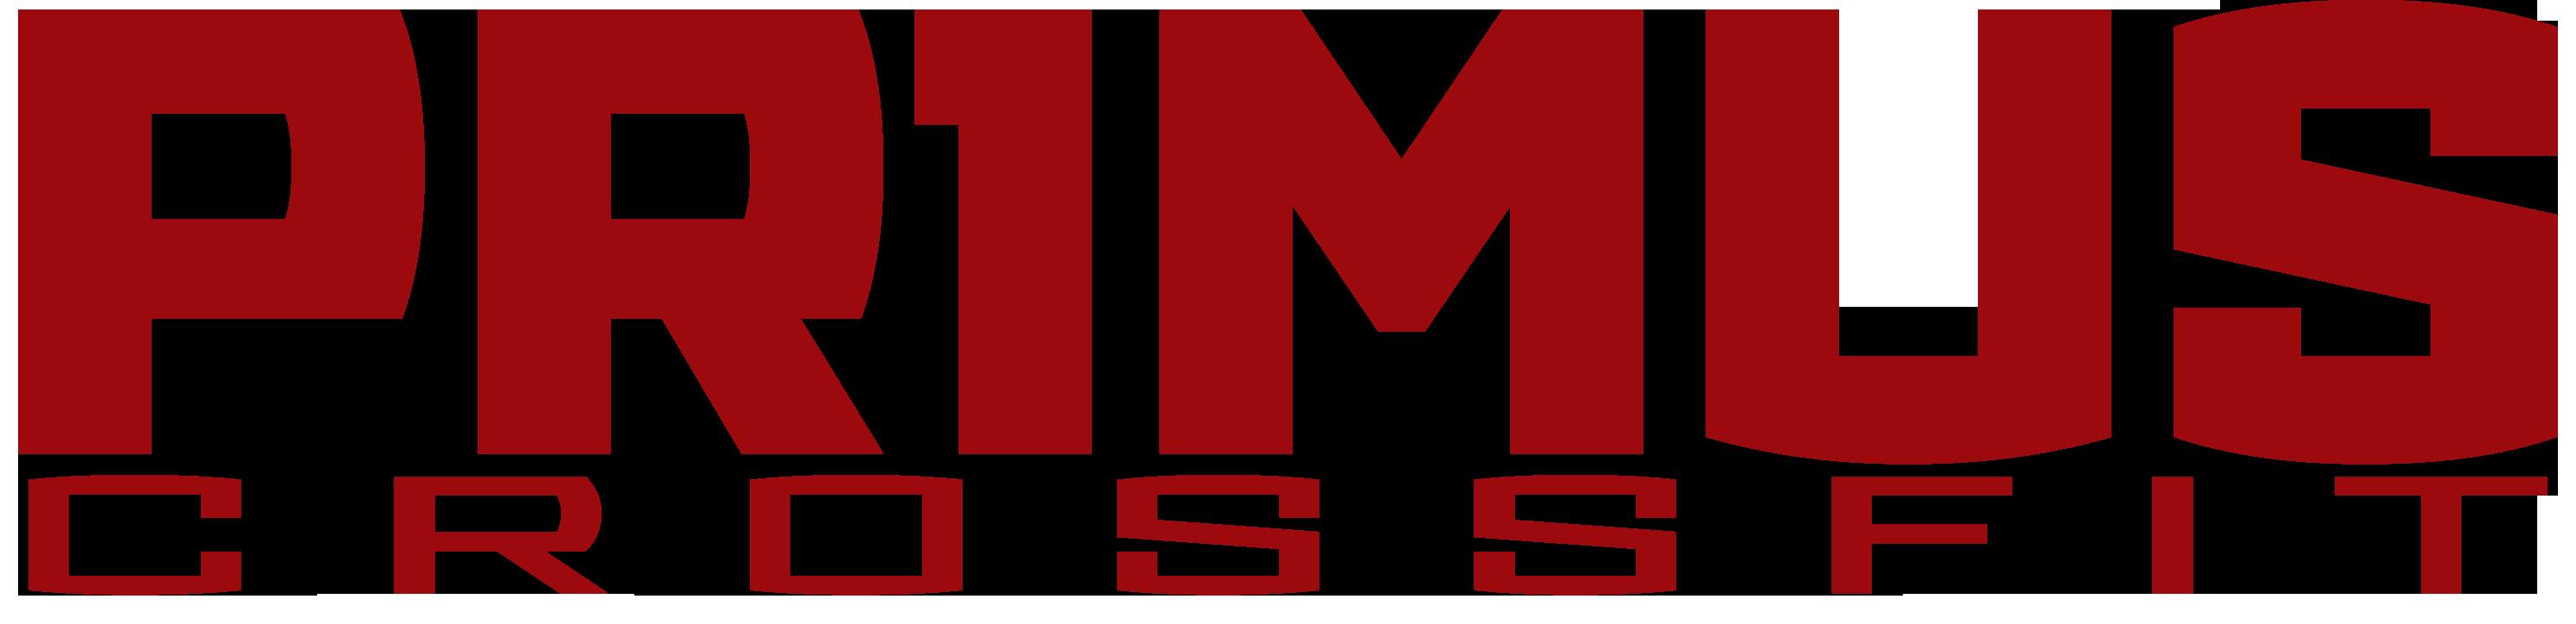 Primus CrossFit Orlando Logo